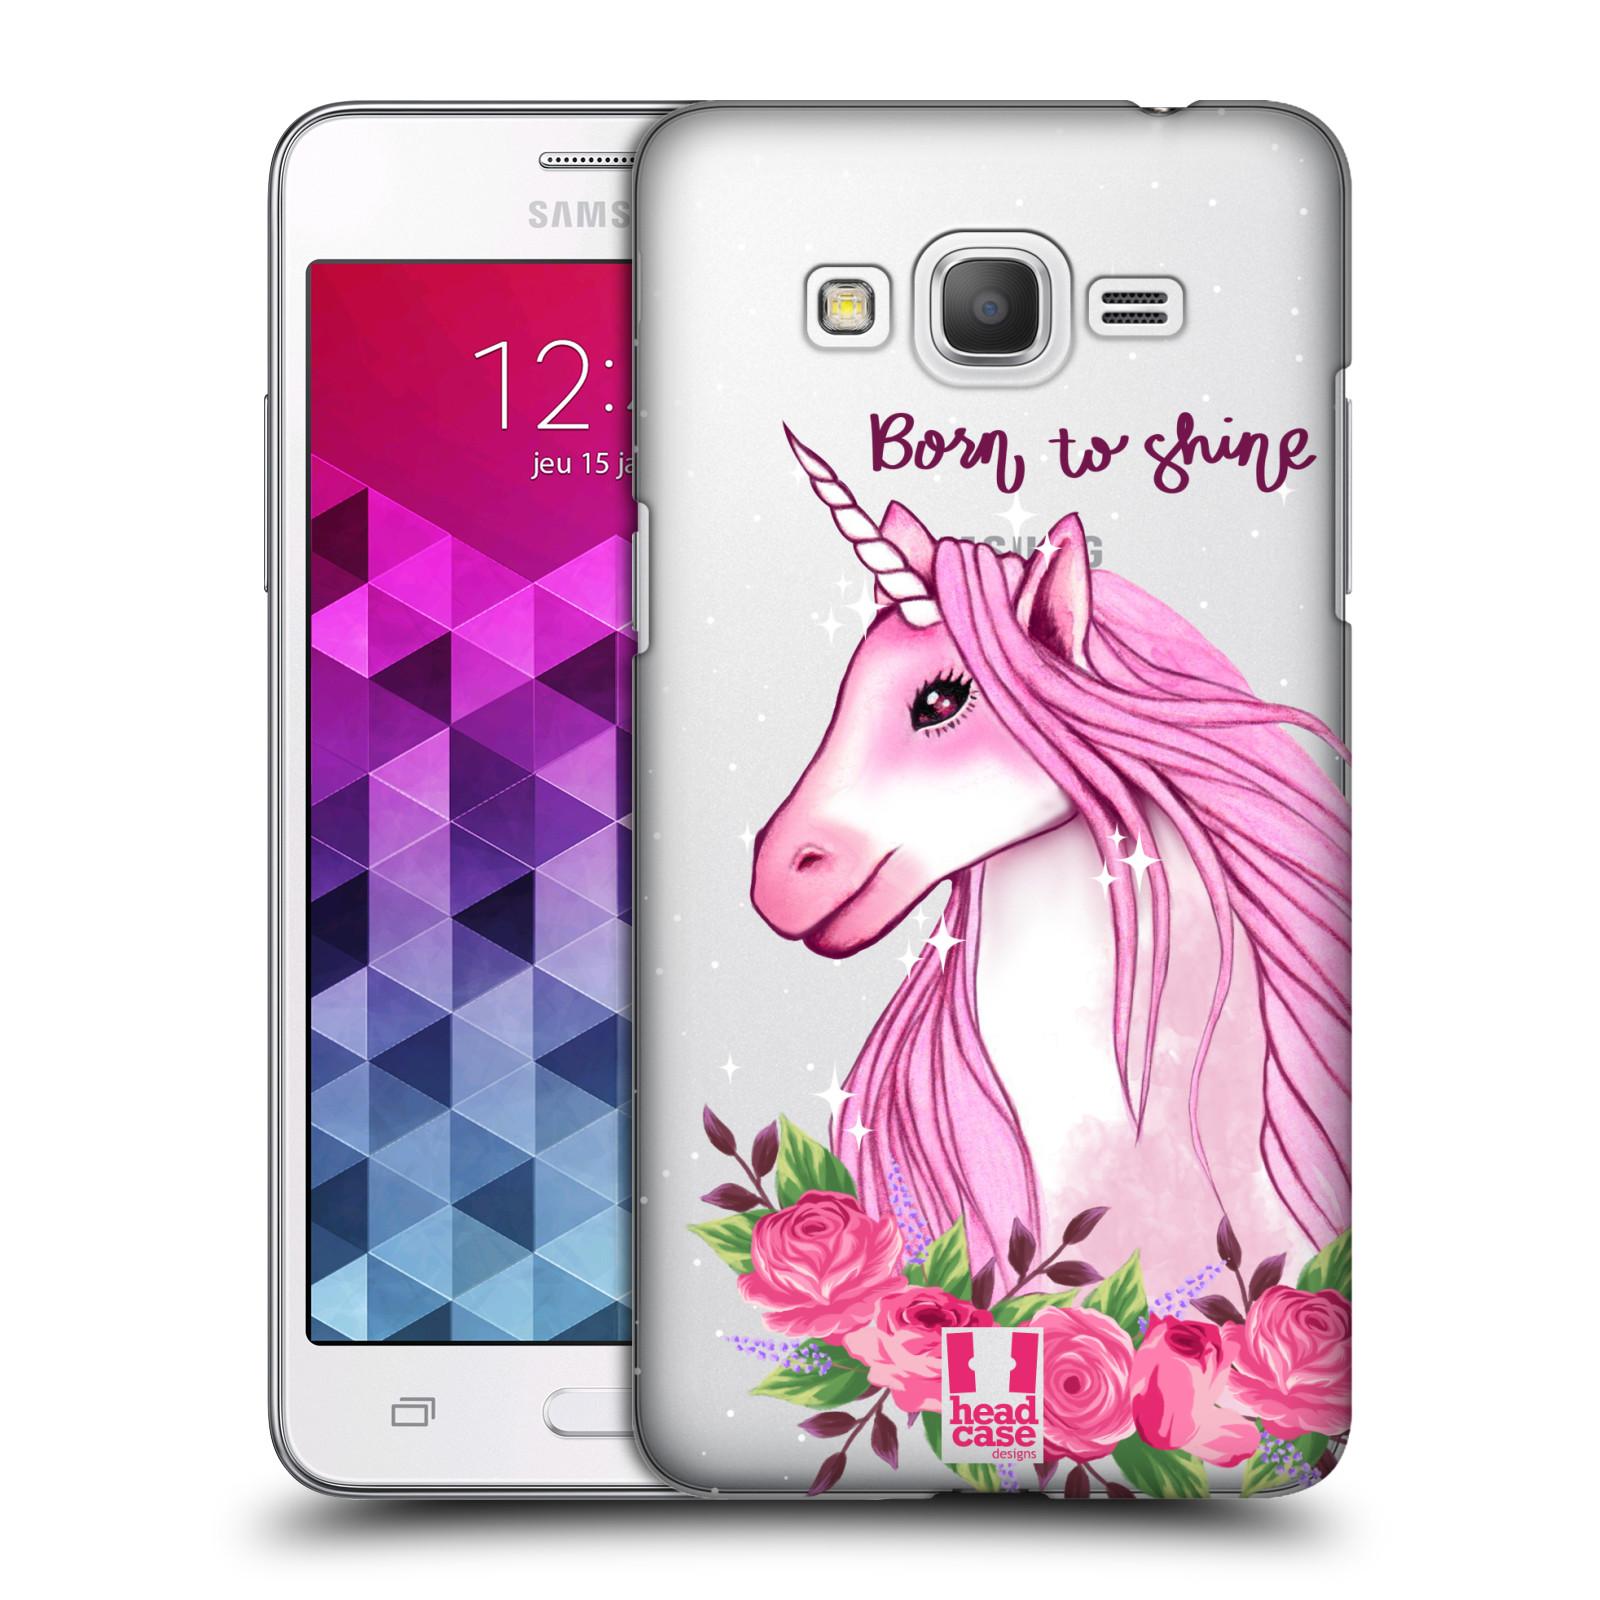 Plastové pouzdro na mobil Samsung Galaxy Grand Prime - Head Case - Jednorožec - Born to shine